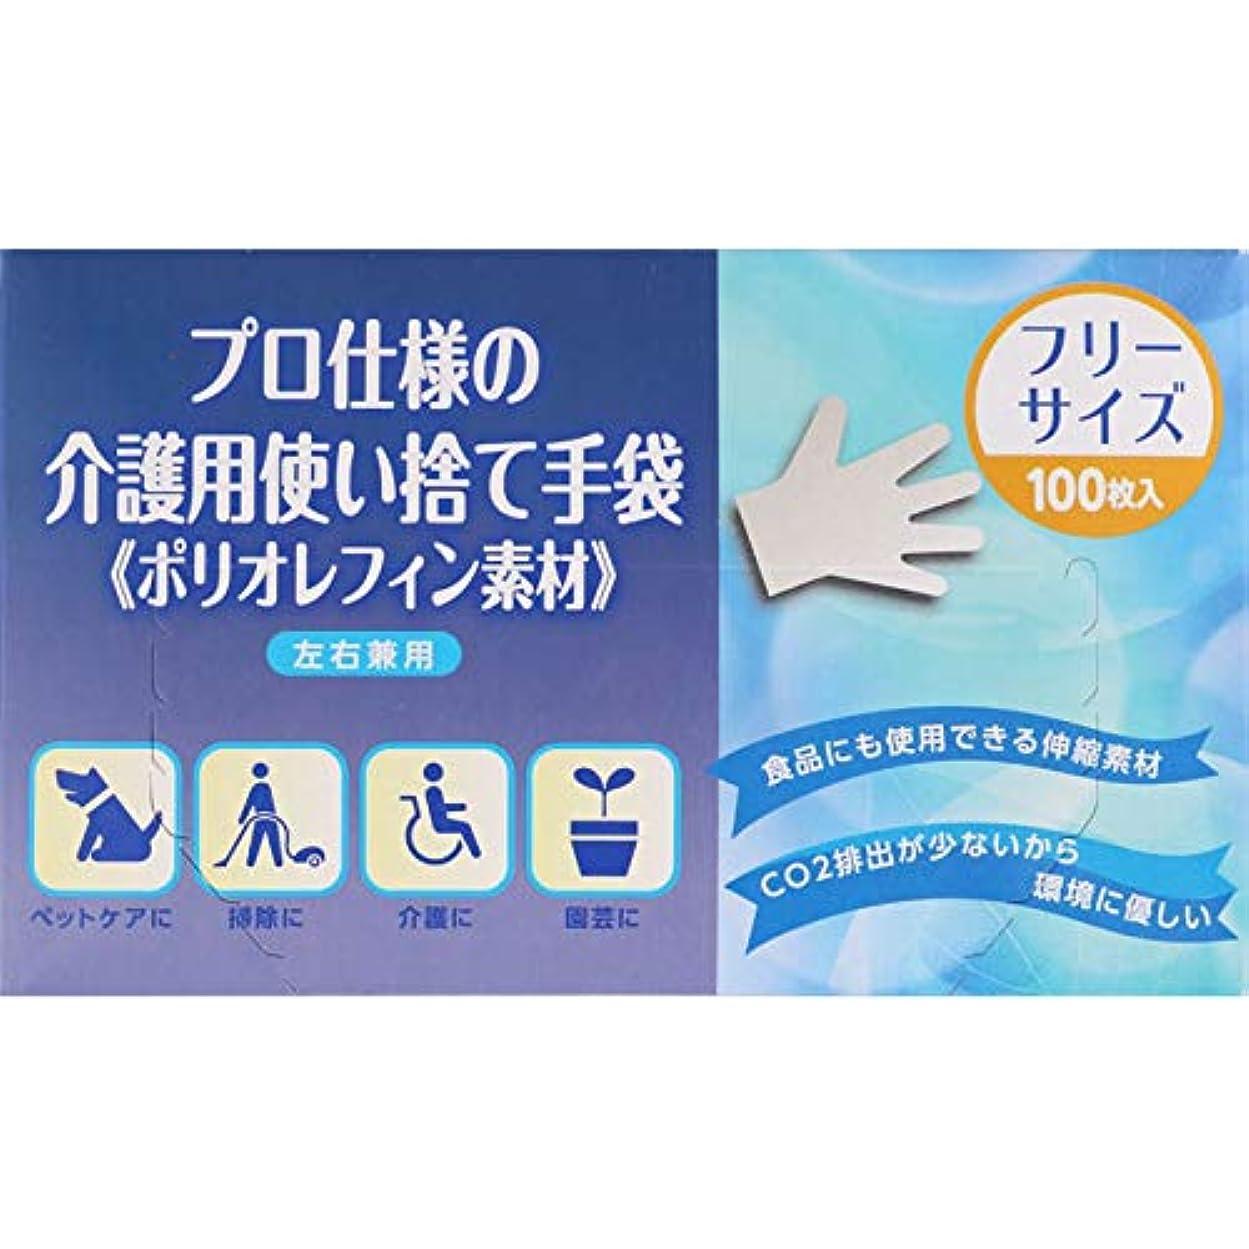 パイル月曜日実験室【10個セット】プロ仕様の介護用使い捨て手袋《ポリオレフィン素材》 100枚